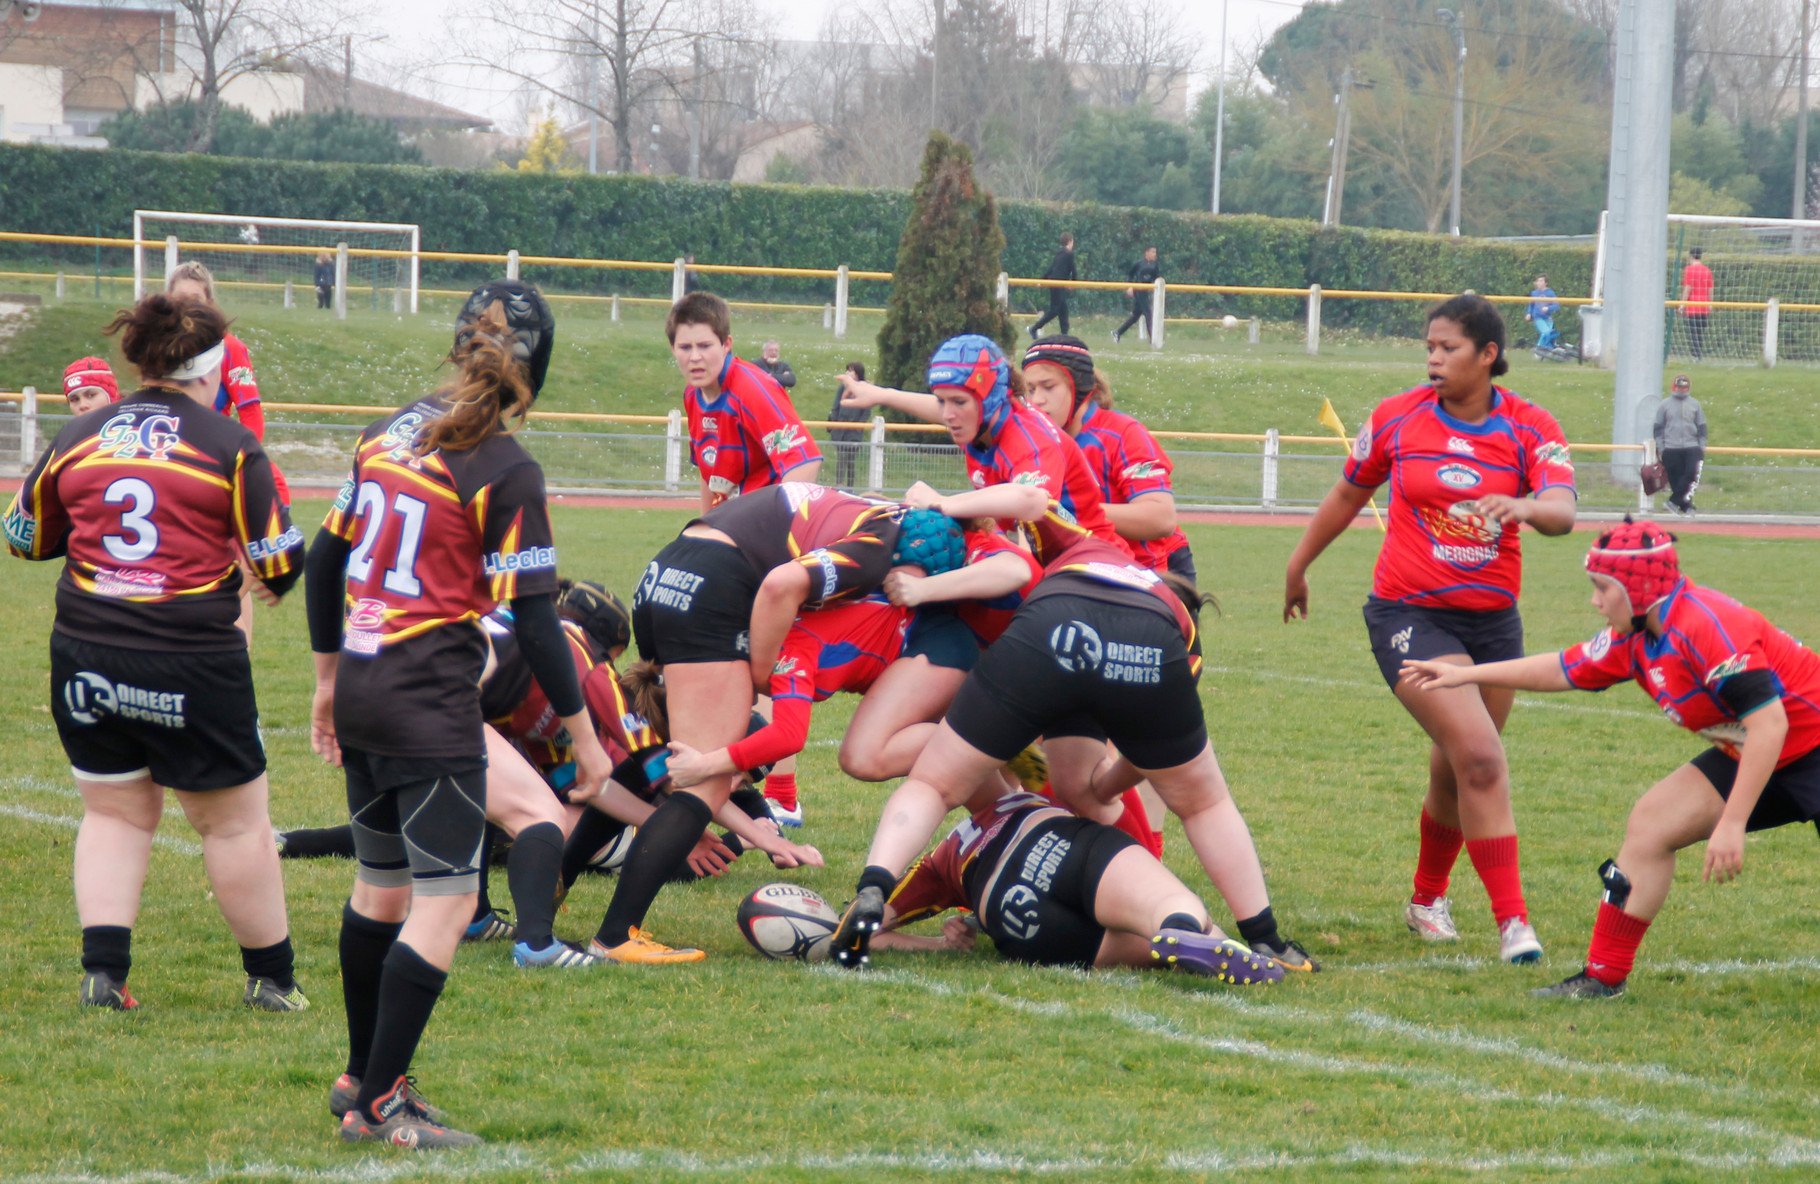 Entente sportive Blanquefort Bruges et Union sportive de Bergerac